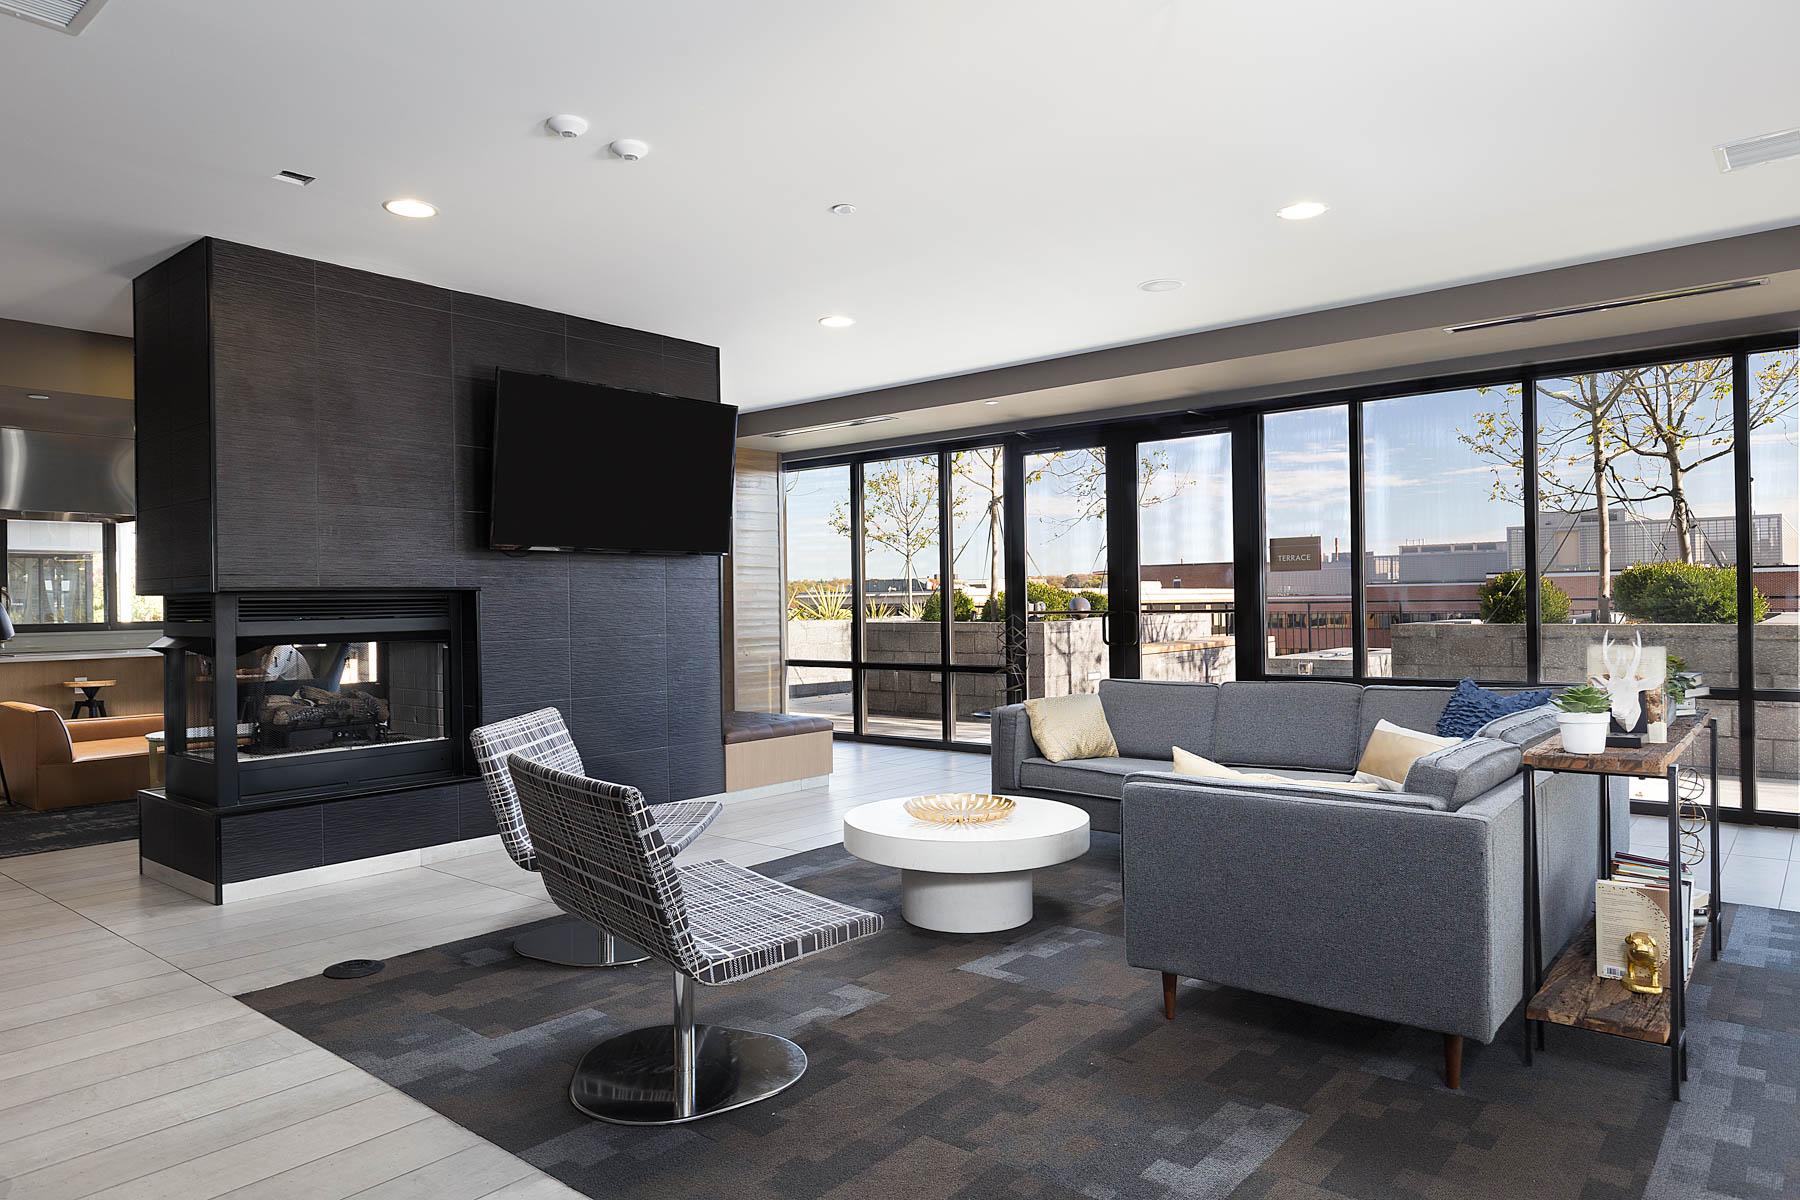 SkyVue-Apartments-33.jpg